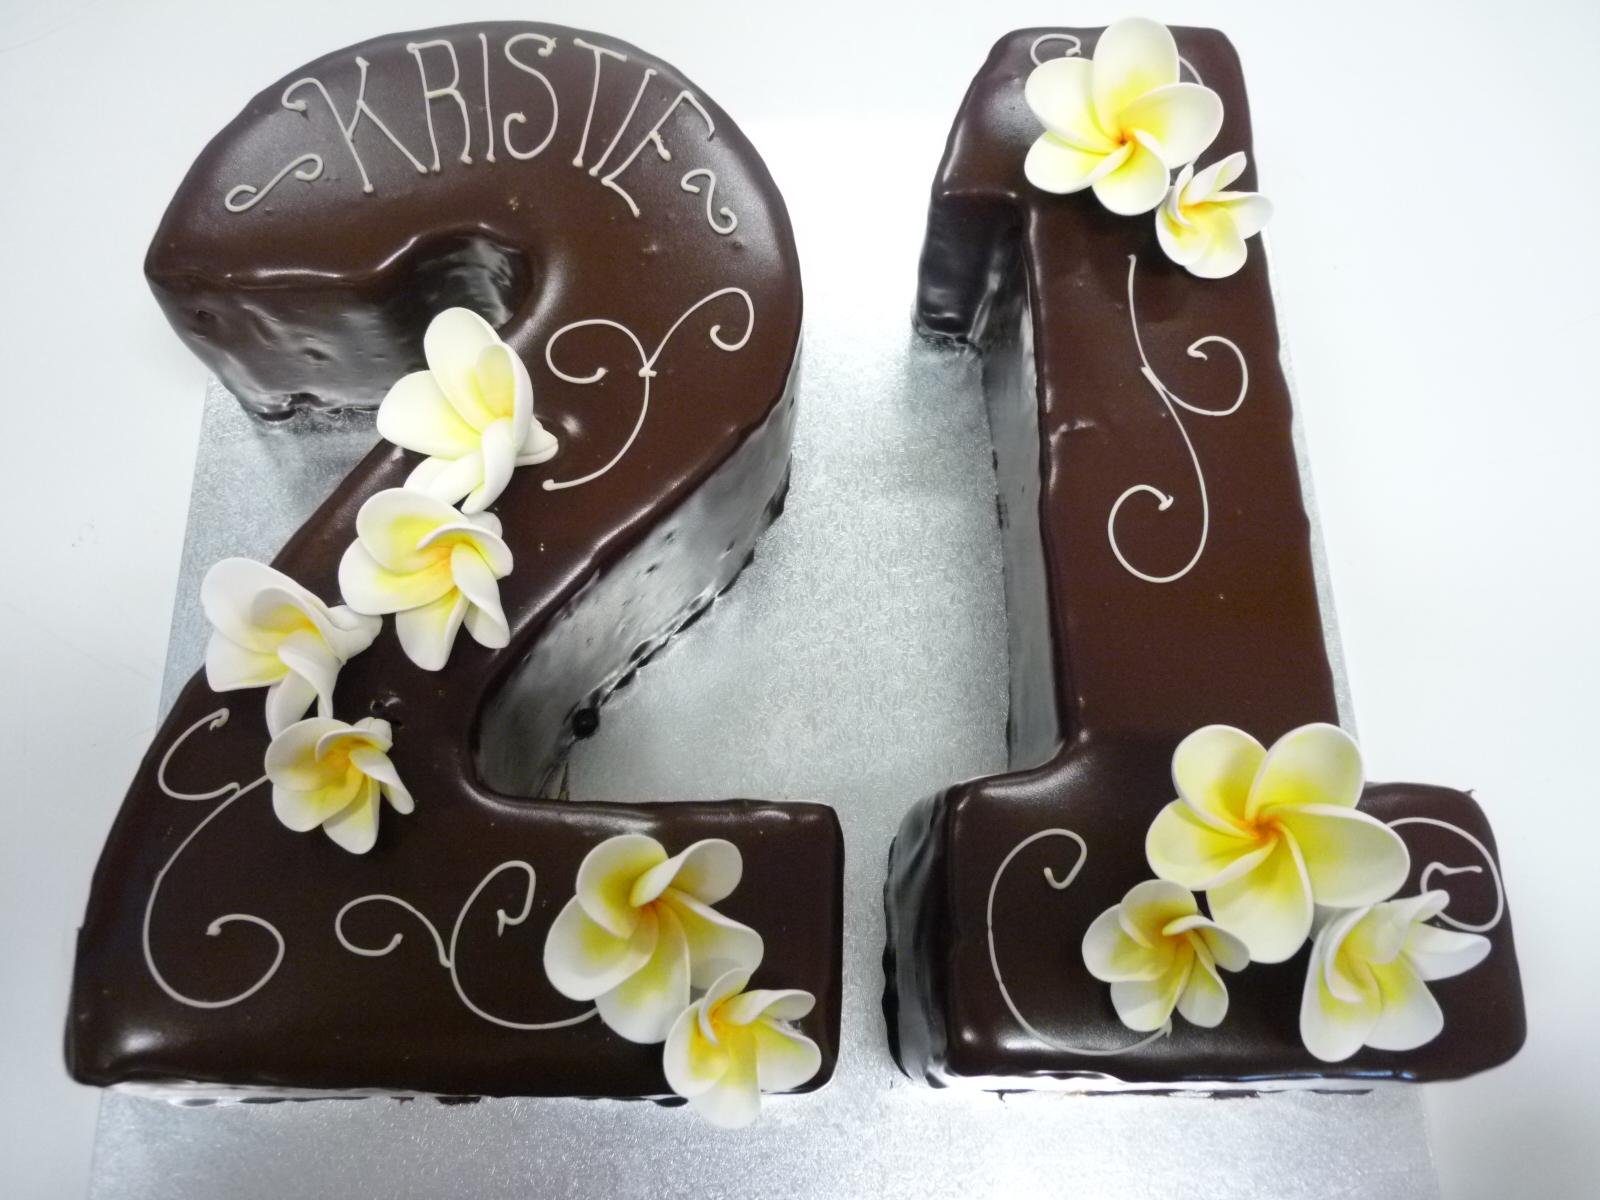 Number 21 Mud Cake Orangerie Patisserie